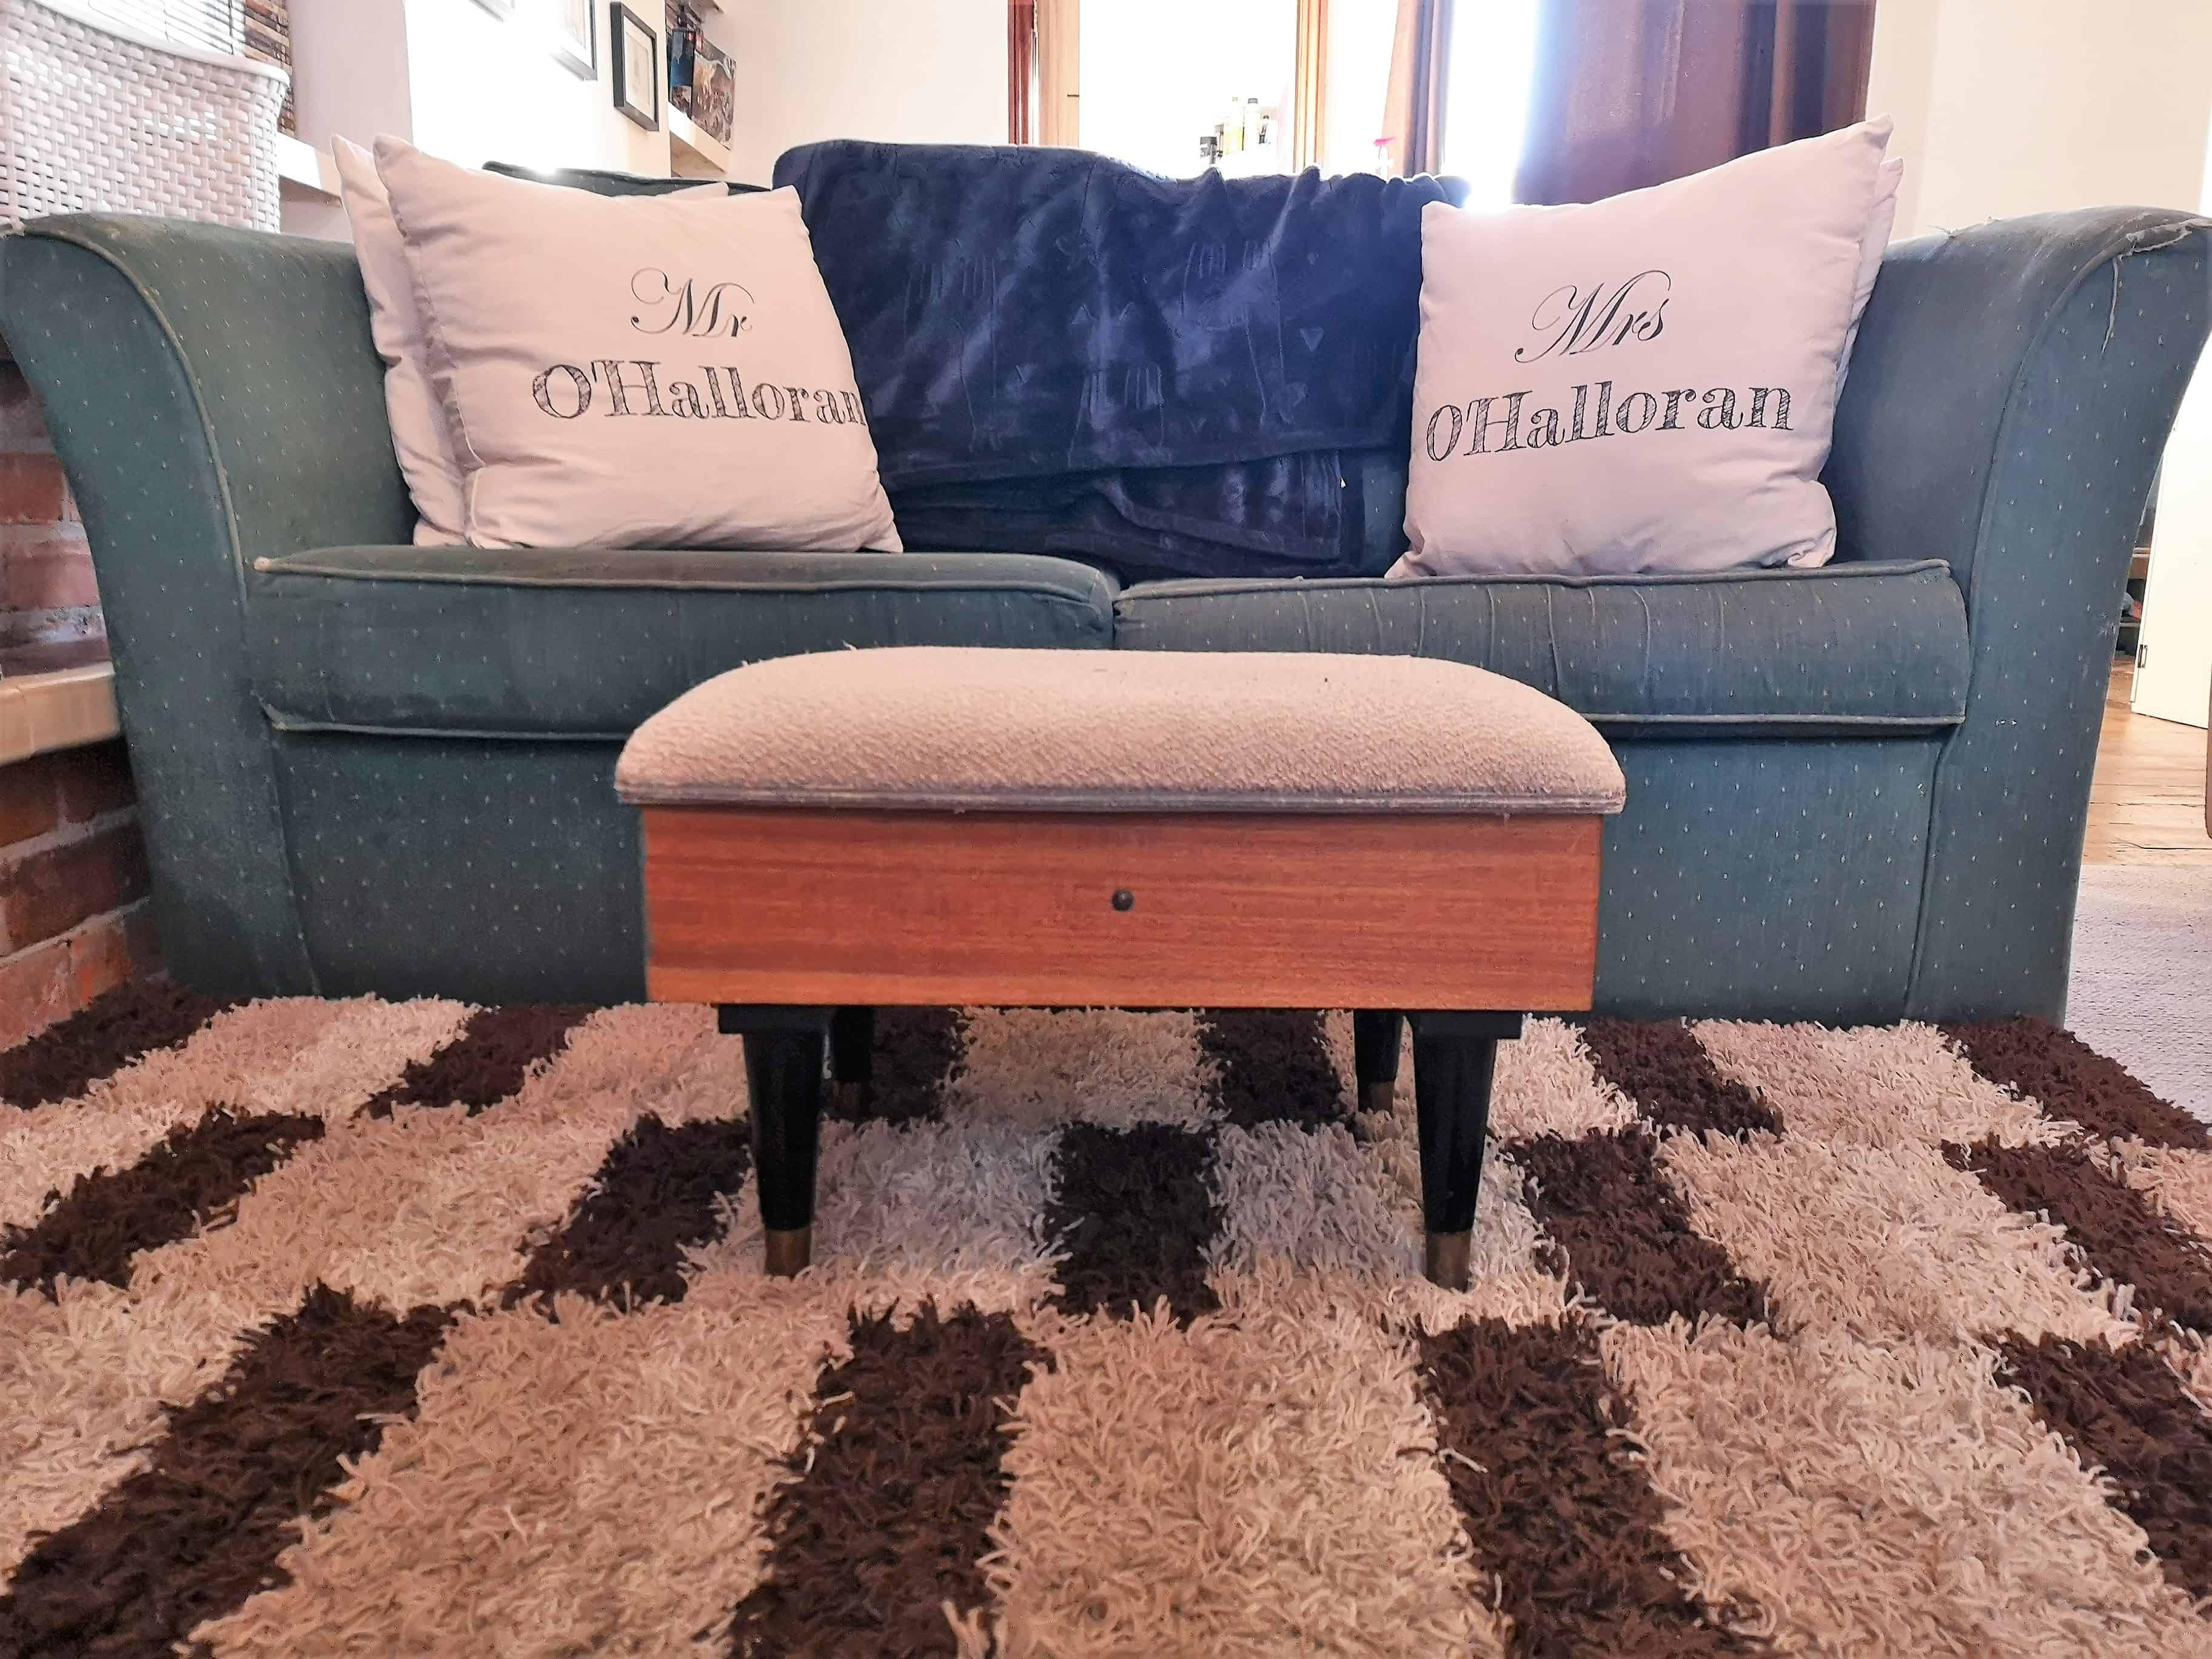 Vintage sewing stool